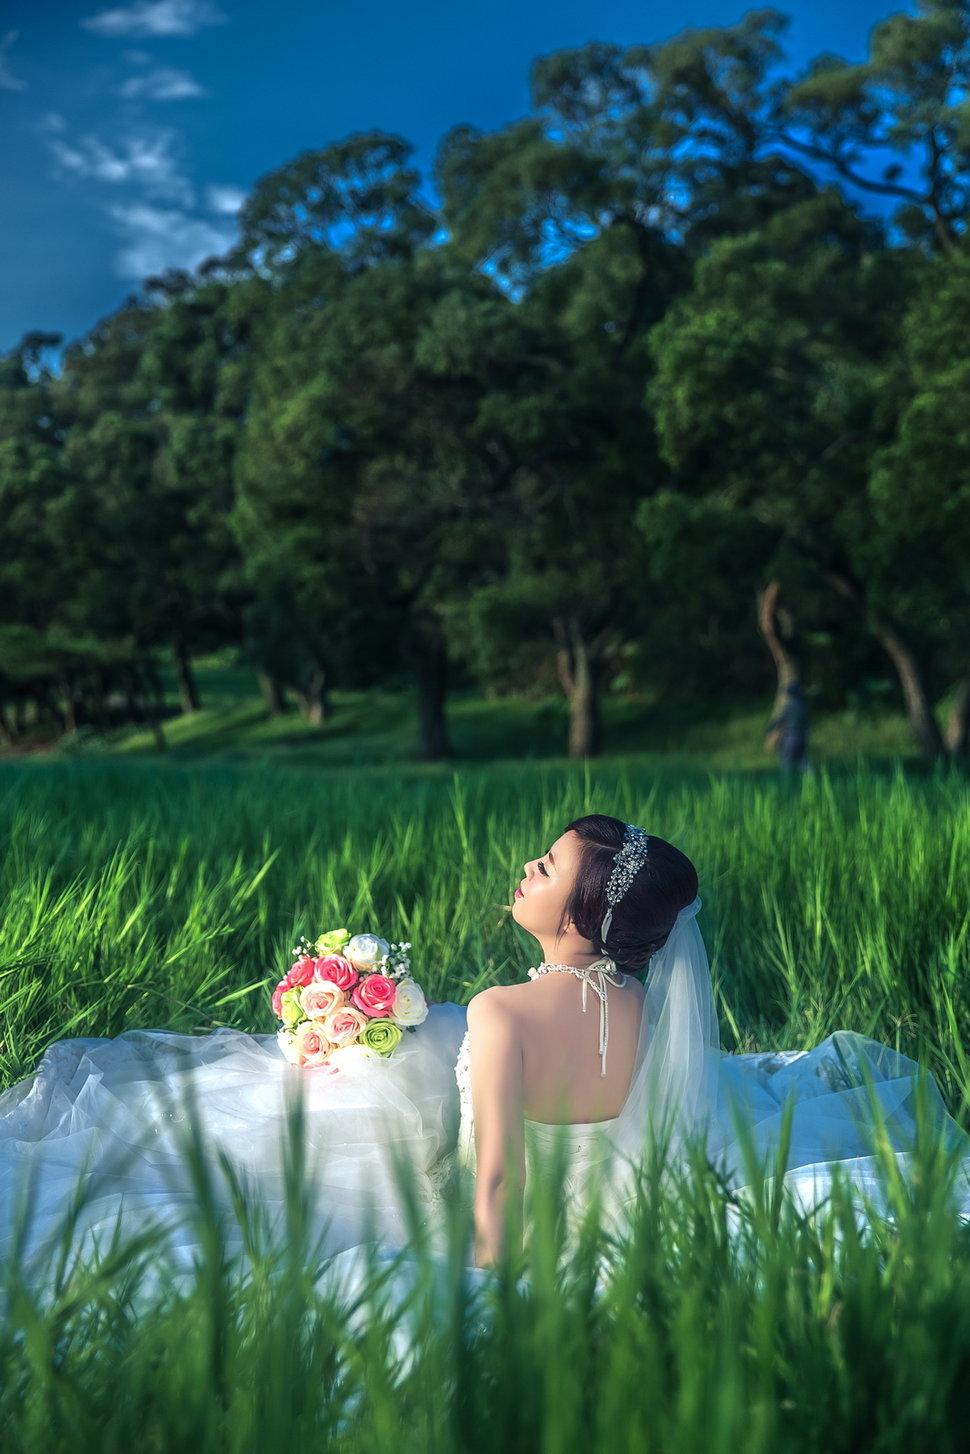 自助婚紗-淡水教堂-婚攝阿卜(編號:433916) - 阿卜的攝影工作室 - 結婚吧一站式婚禮服務平台